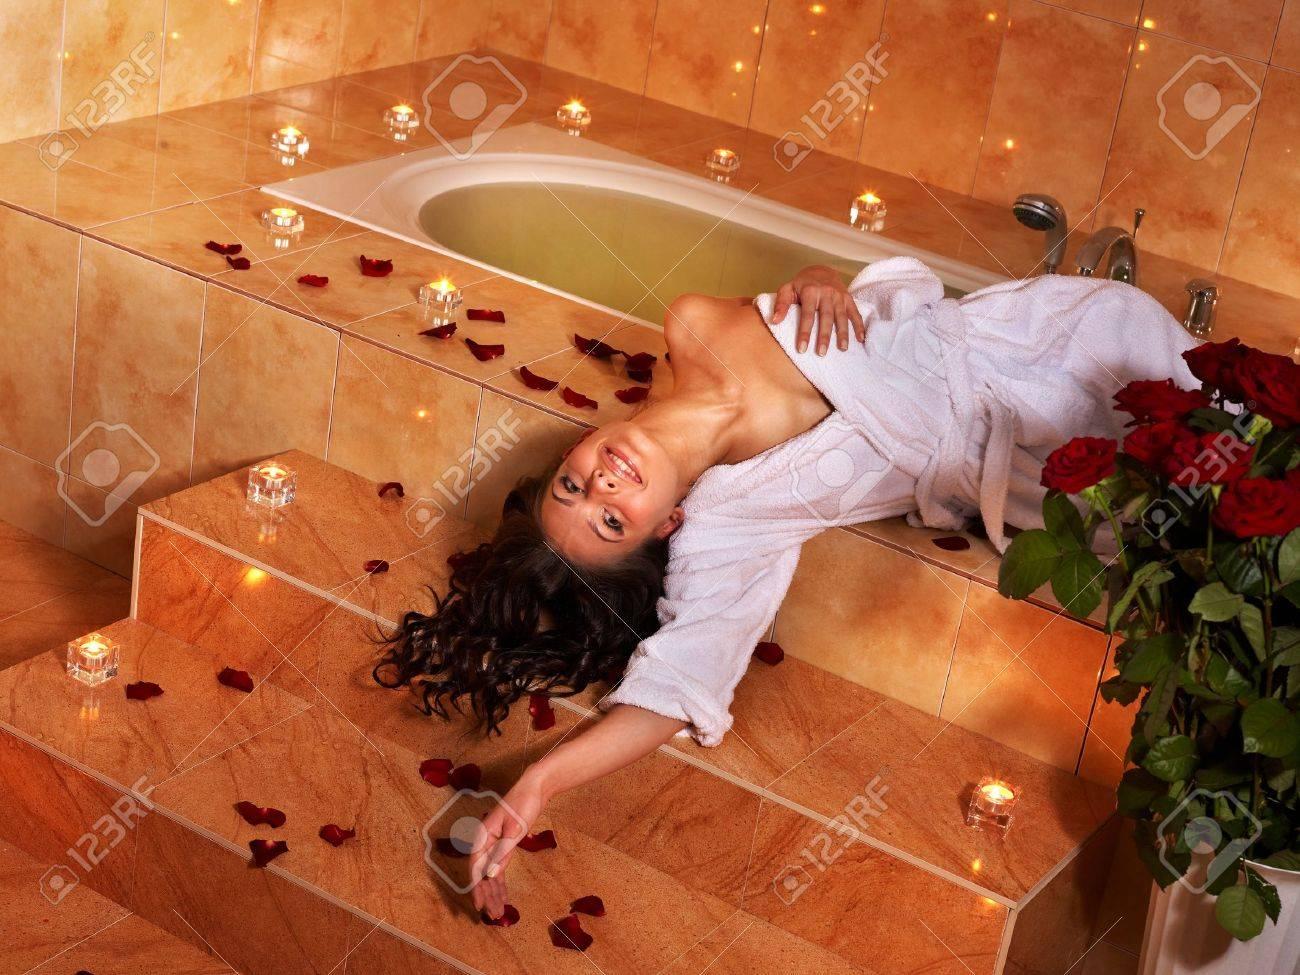 Фото девочек в ванной крупно 29 фотография